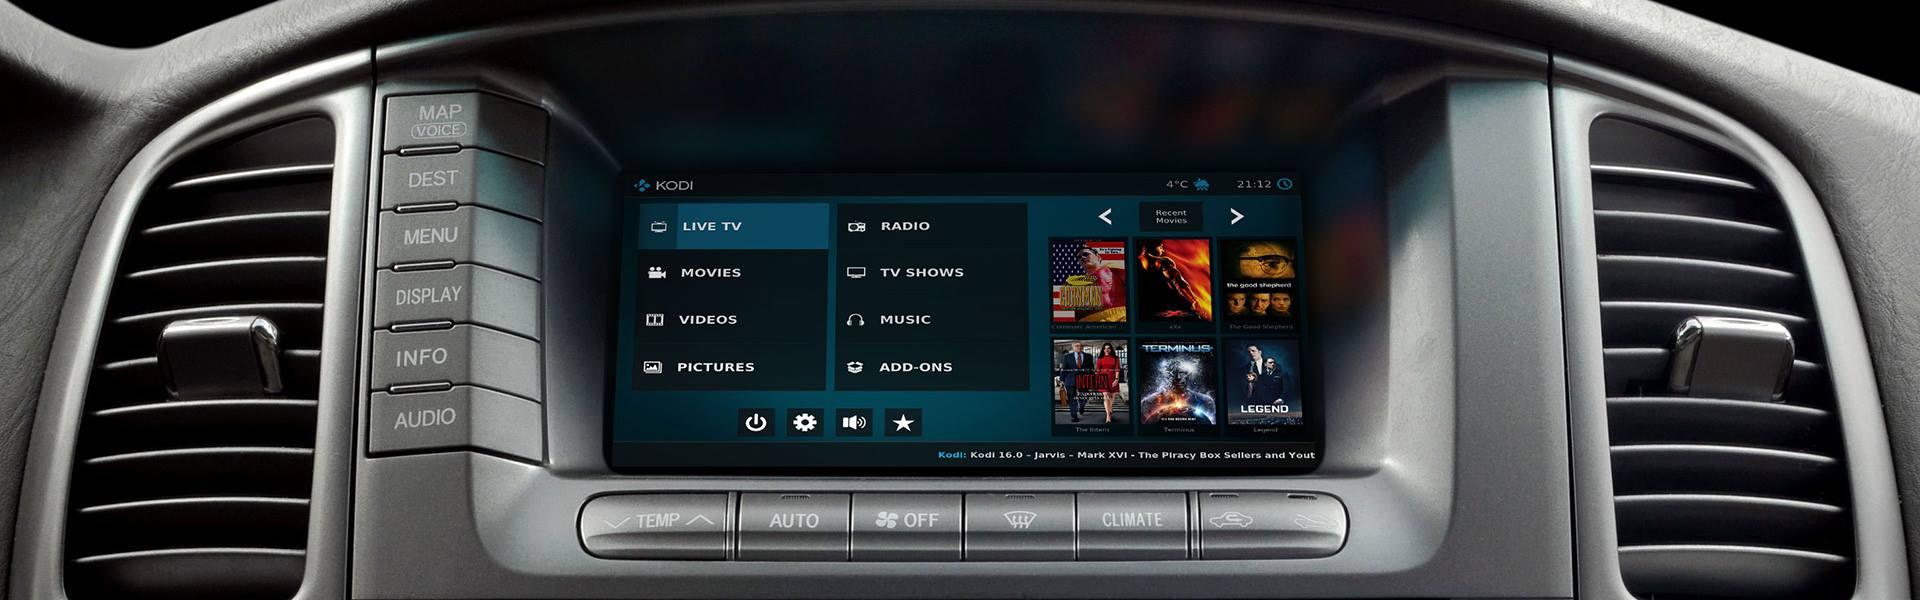 E3iO Computers Informative